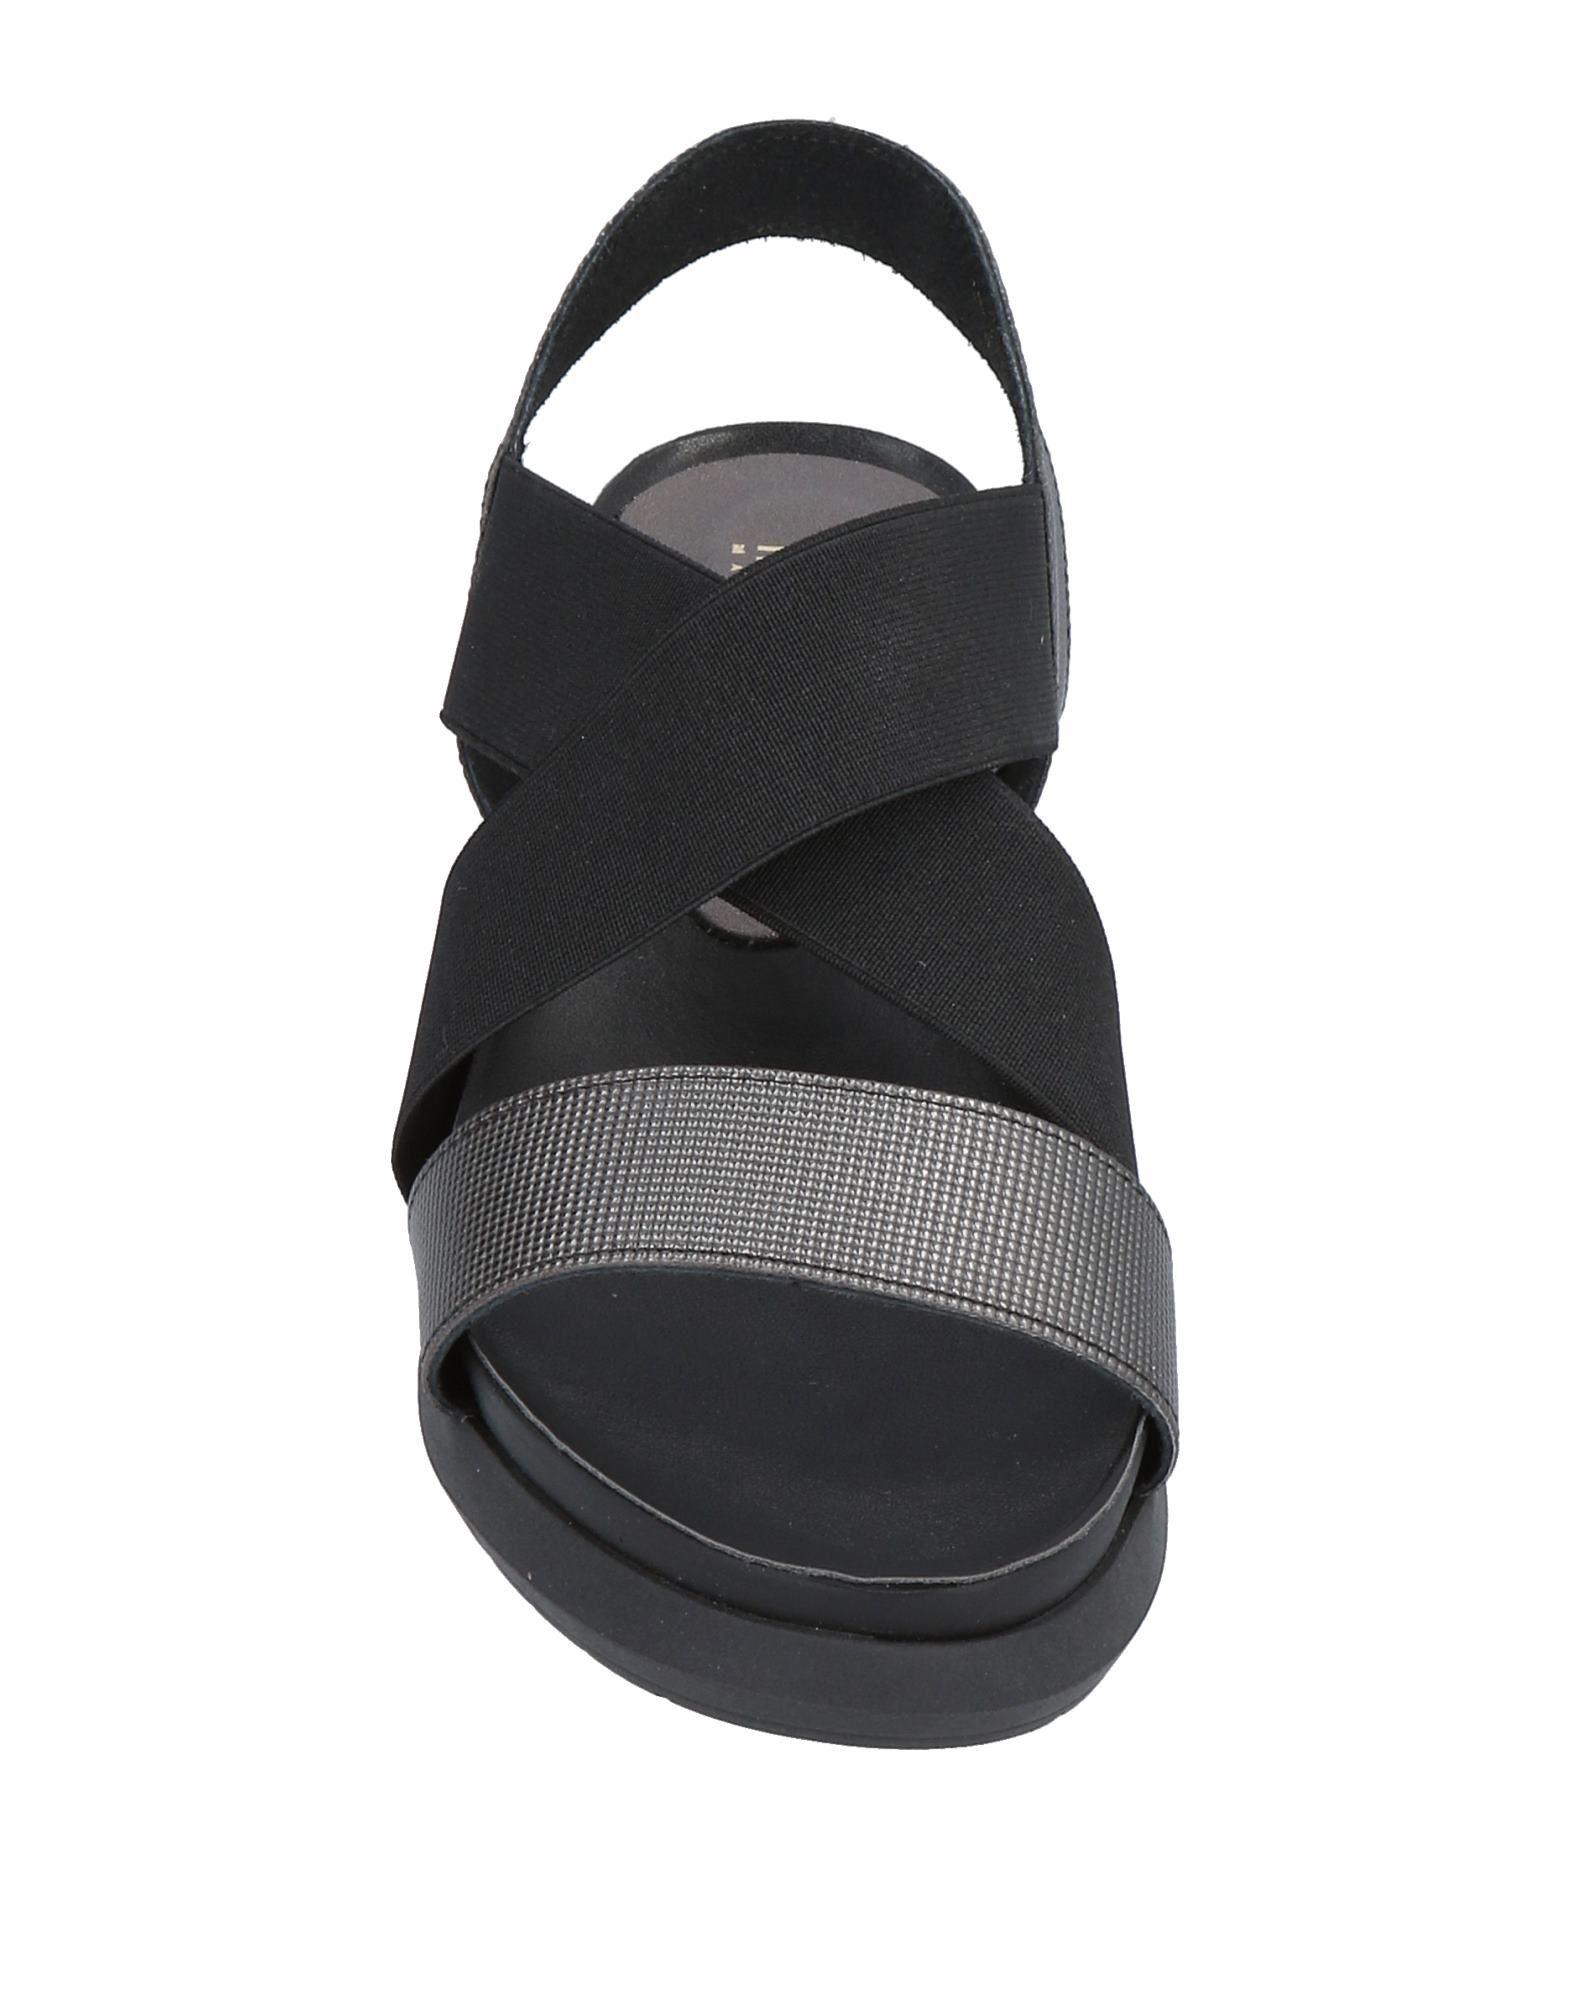 Impronte Sandalen Damen  11473690VW Gute Qualität Qualität Gute beliebte Schuhe d9bad7